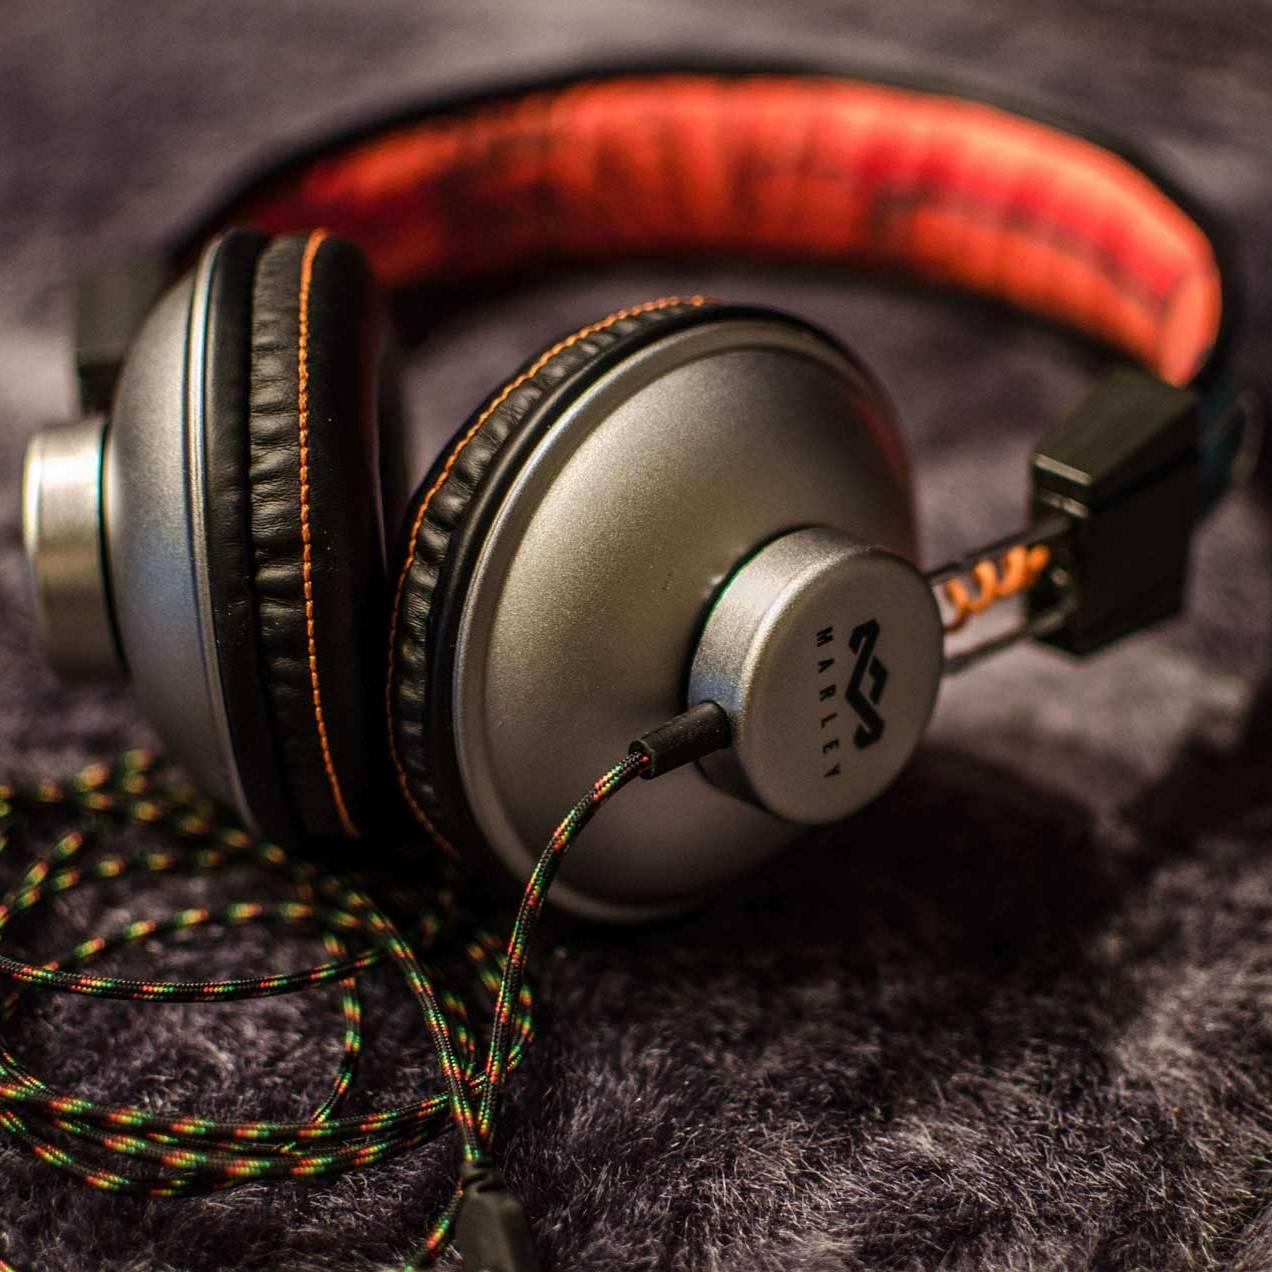 Ouvir a Rádio Comercial